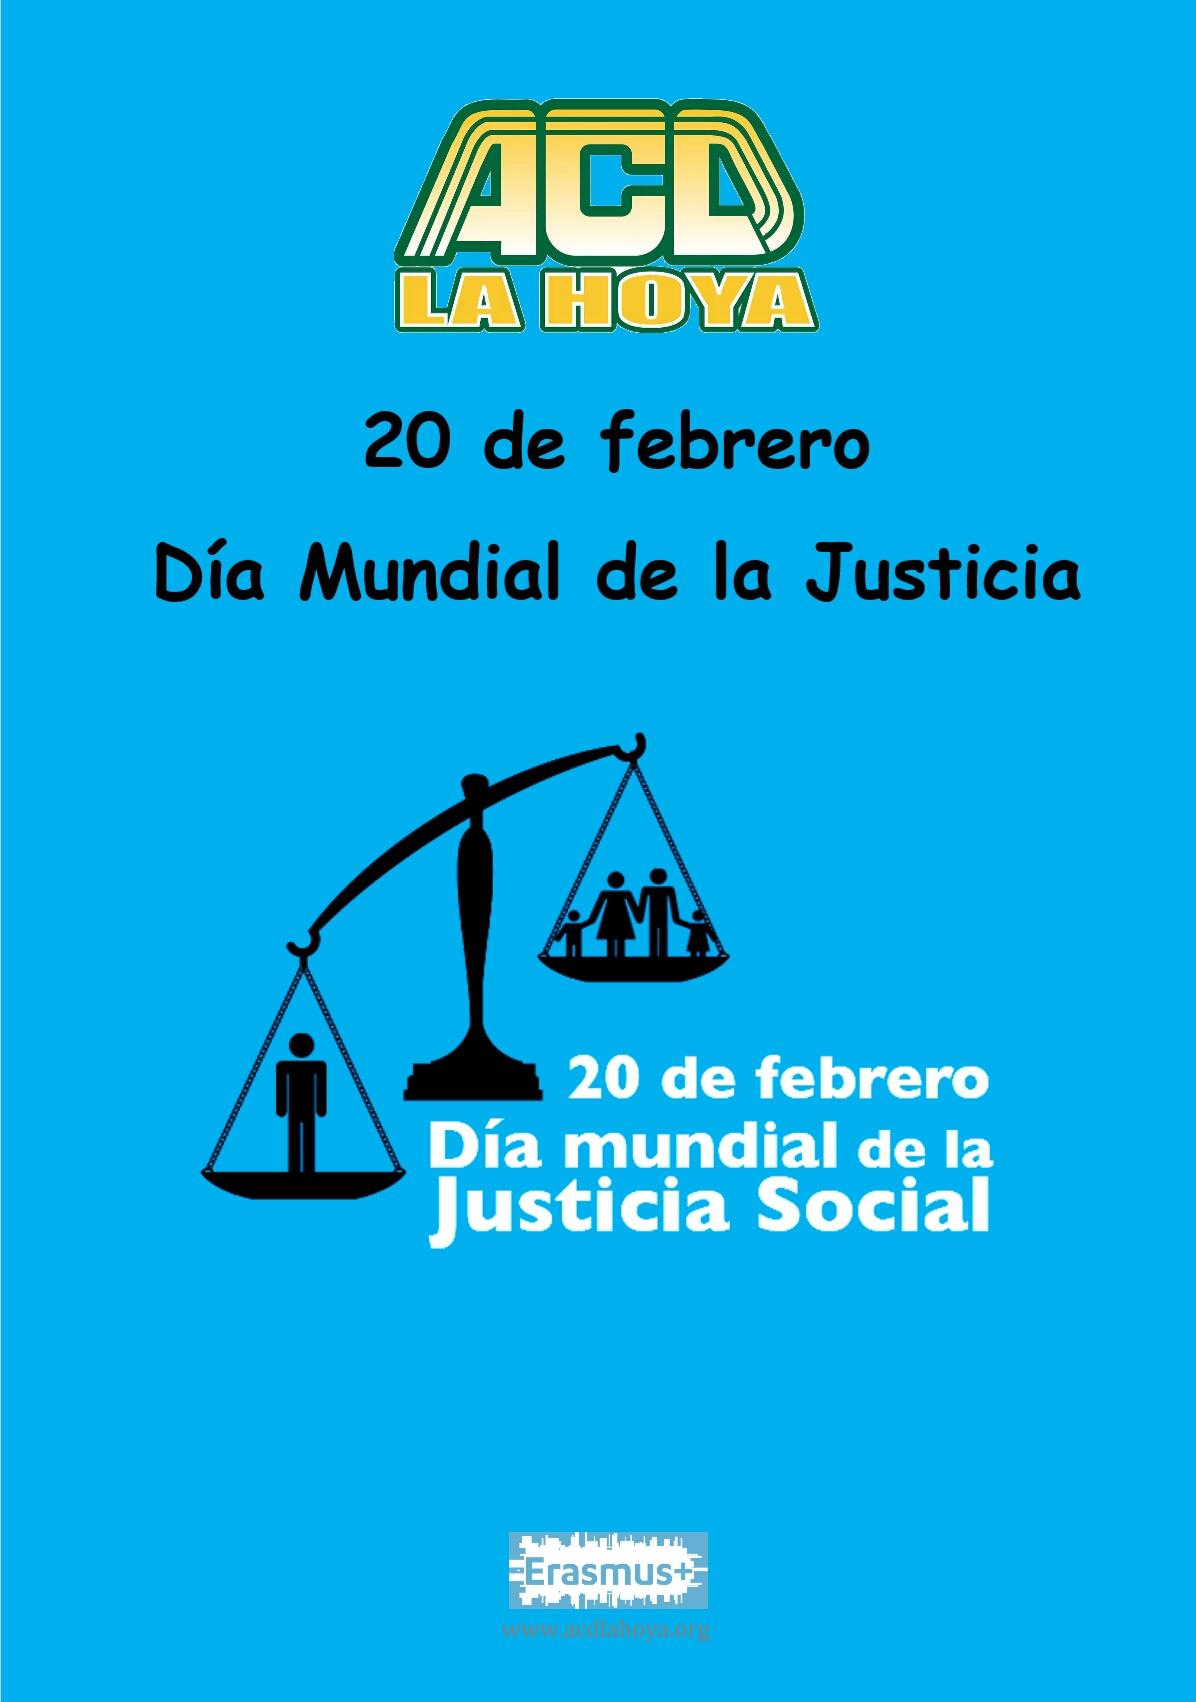 DÍA MUNDIAL de la Justicia